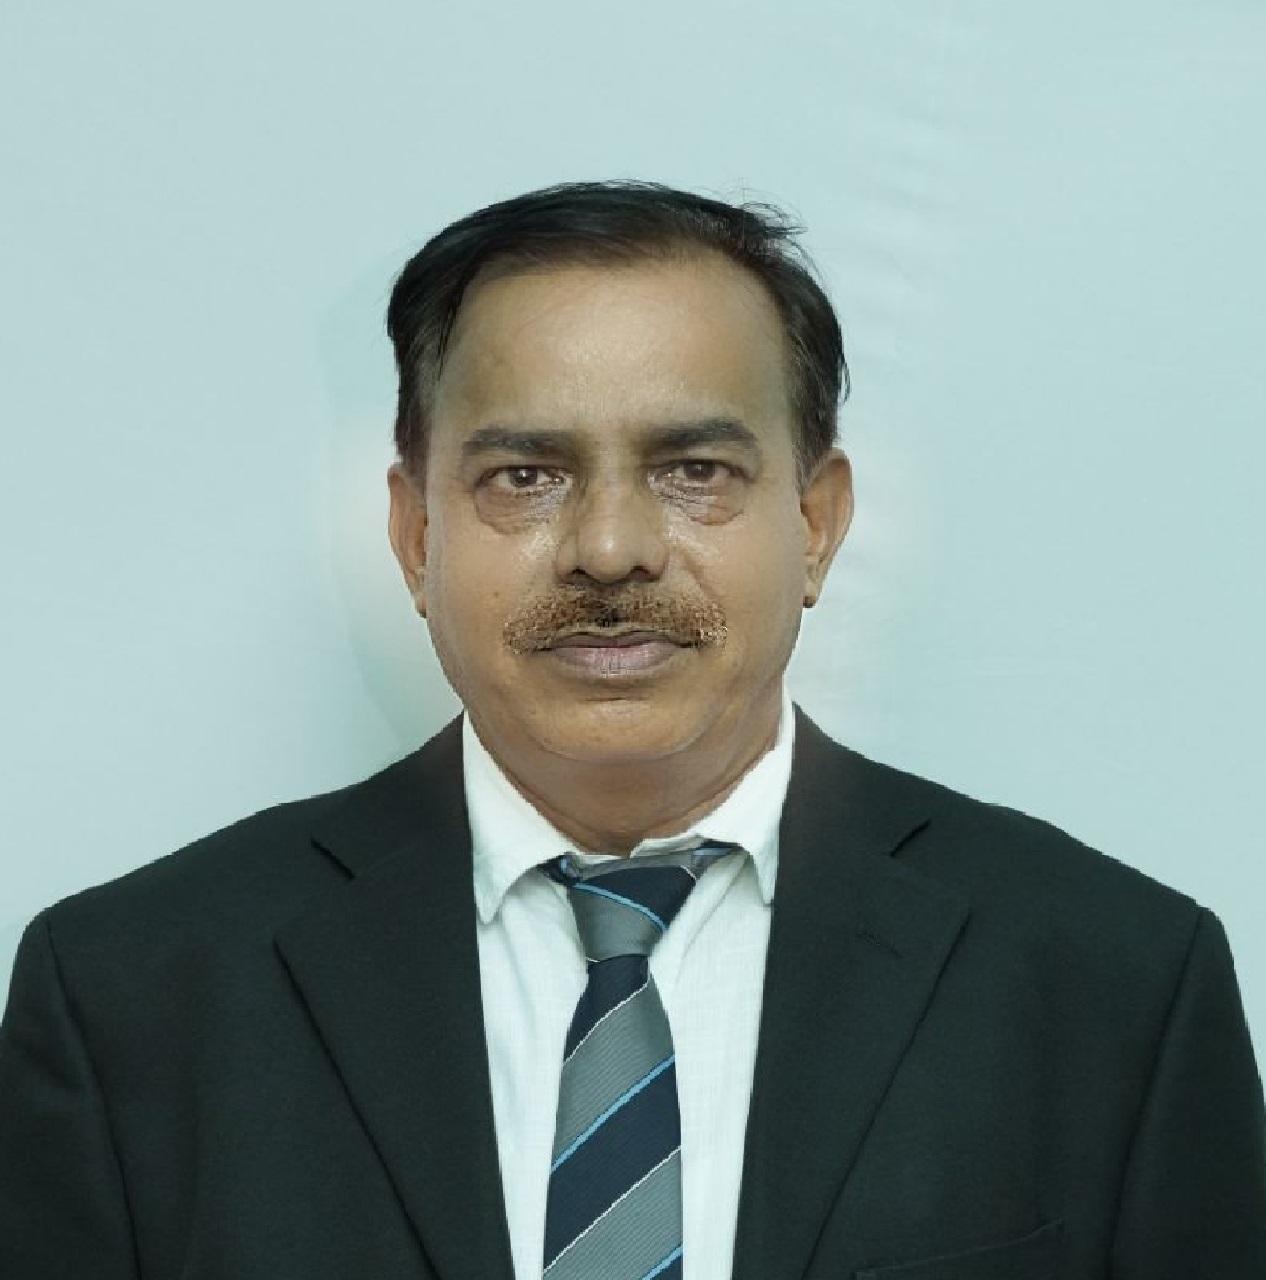 Mr. M. M. Mansuri